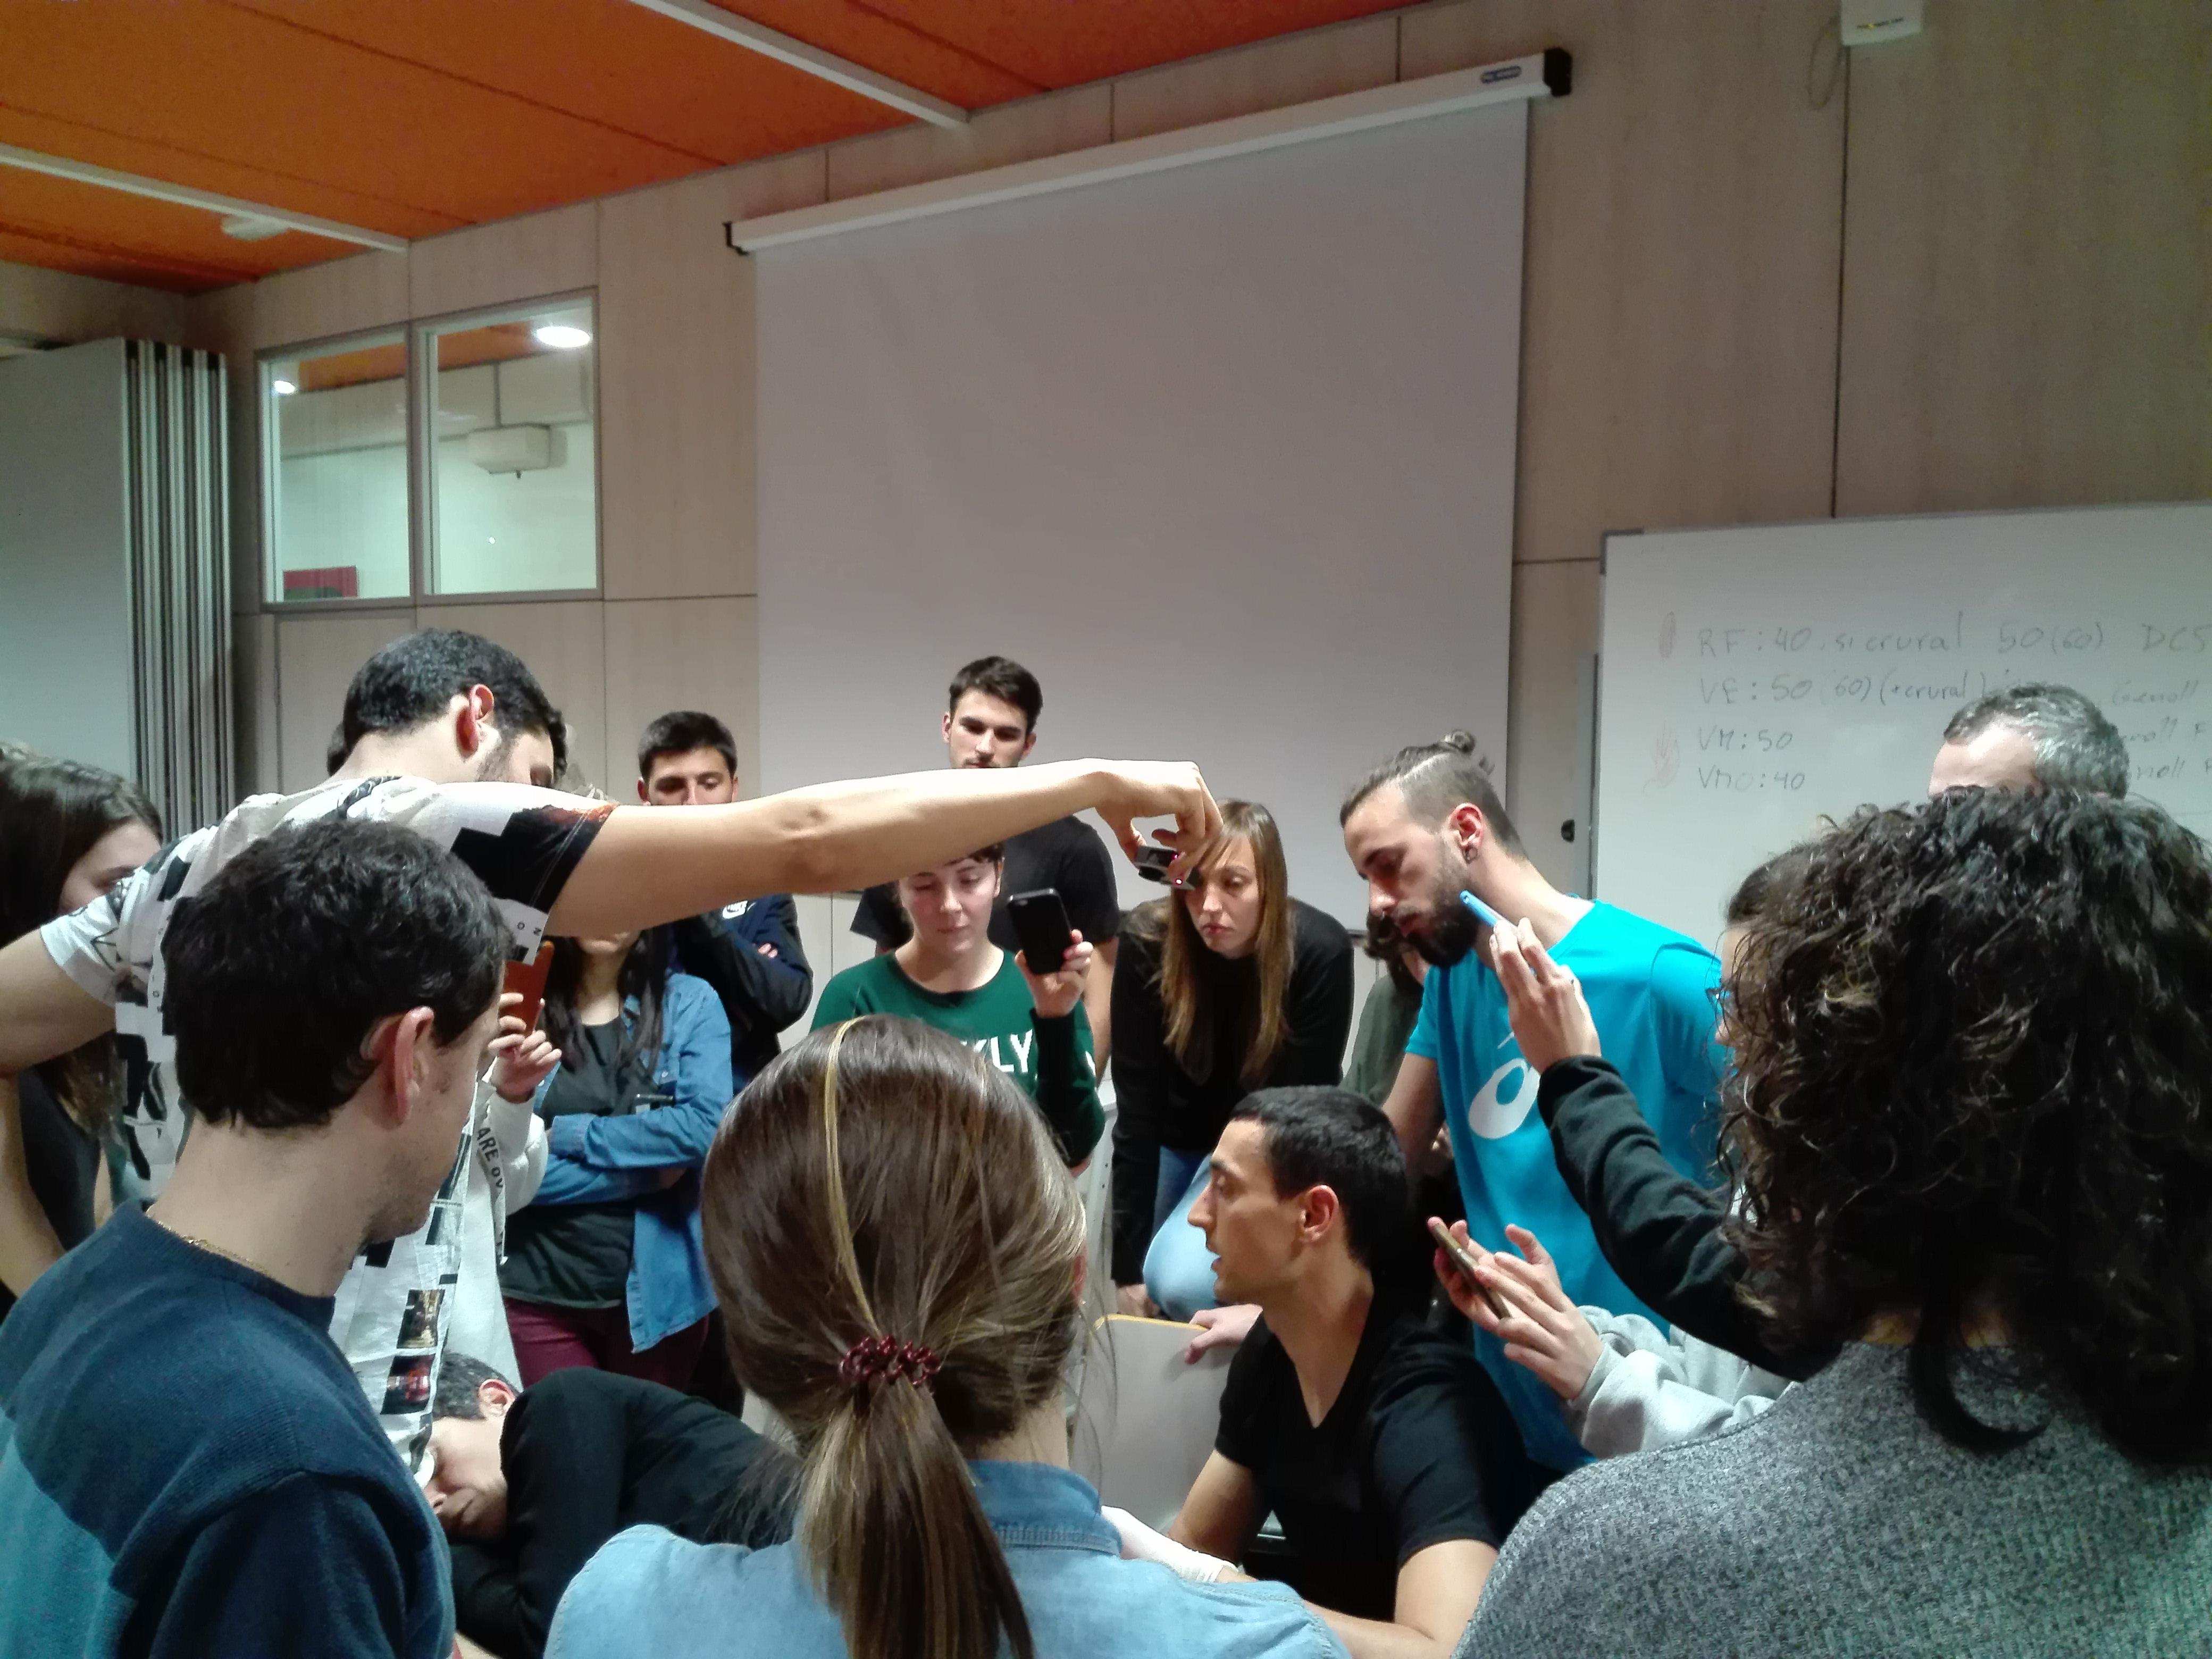 L'Escola Univesitària de la Salut i l'Esport presenta la programació de la Formació Continuada en Fisioteràpia per al curs 2018/19 amb una dotzena d'activitats